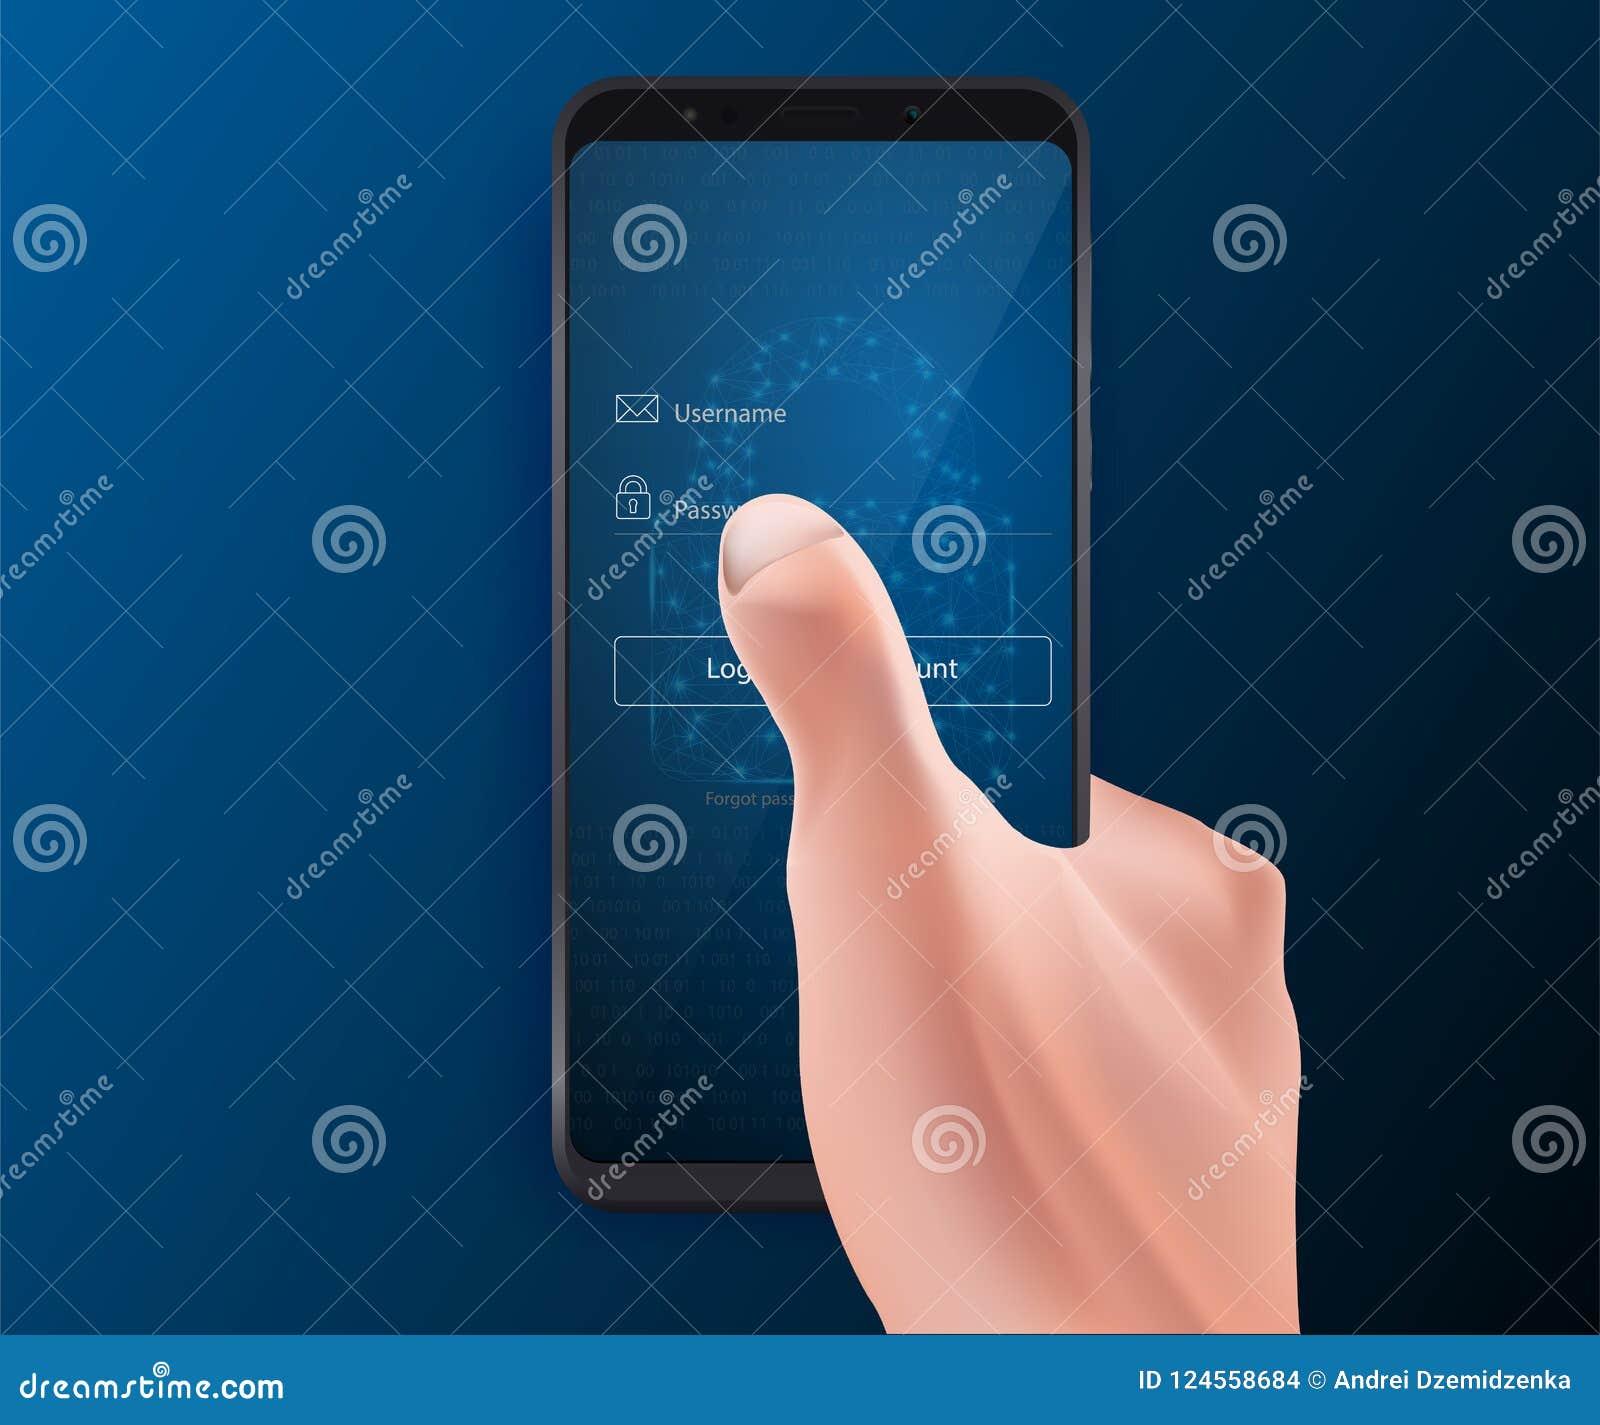 Σύνδεση κινητό app, το cybersecurity, την ιδιωτική πρόσβαση με το όνομα χρήστη και τον κωδικό πρόσβασης στα προσωπικά στοιχεία ep